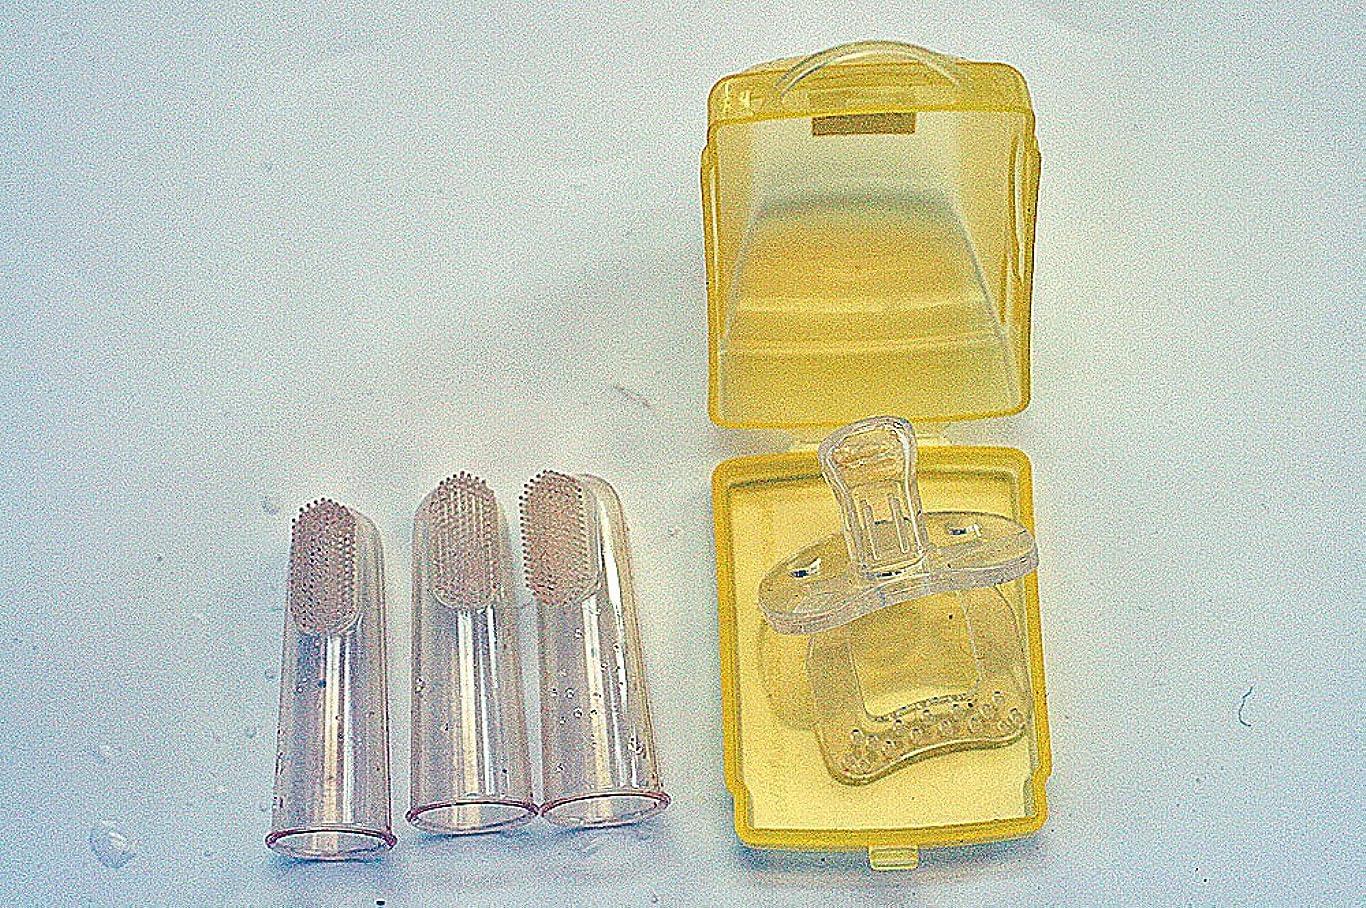 メイド組み込むアラバマ歯ブラシ おしゃぶり ベビーソフト歯ブラシ3個セット/ シリコンおしゃぶりカーケース入り オーラルケアギフトセット 2種類組み